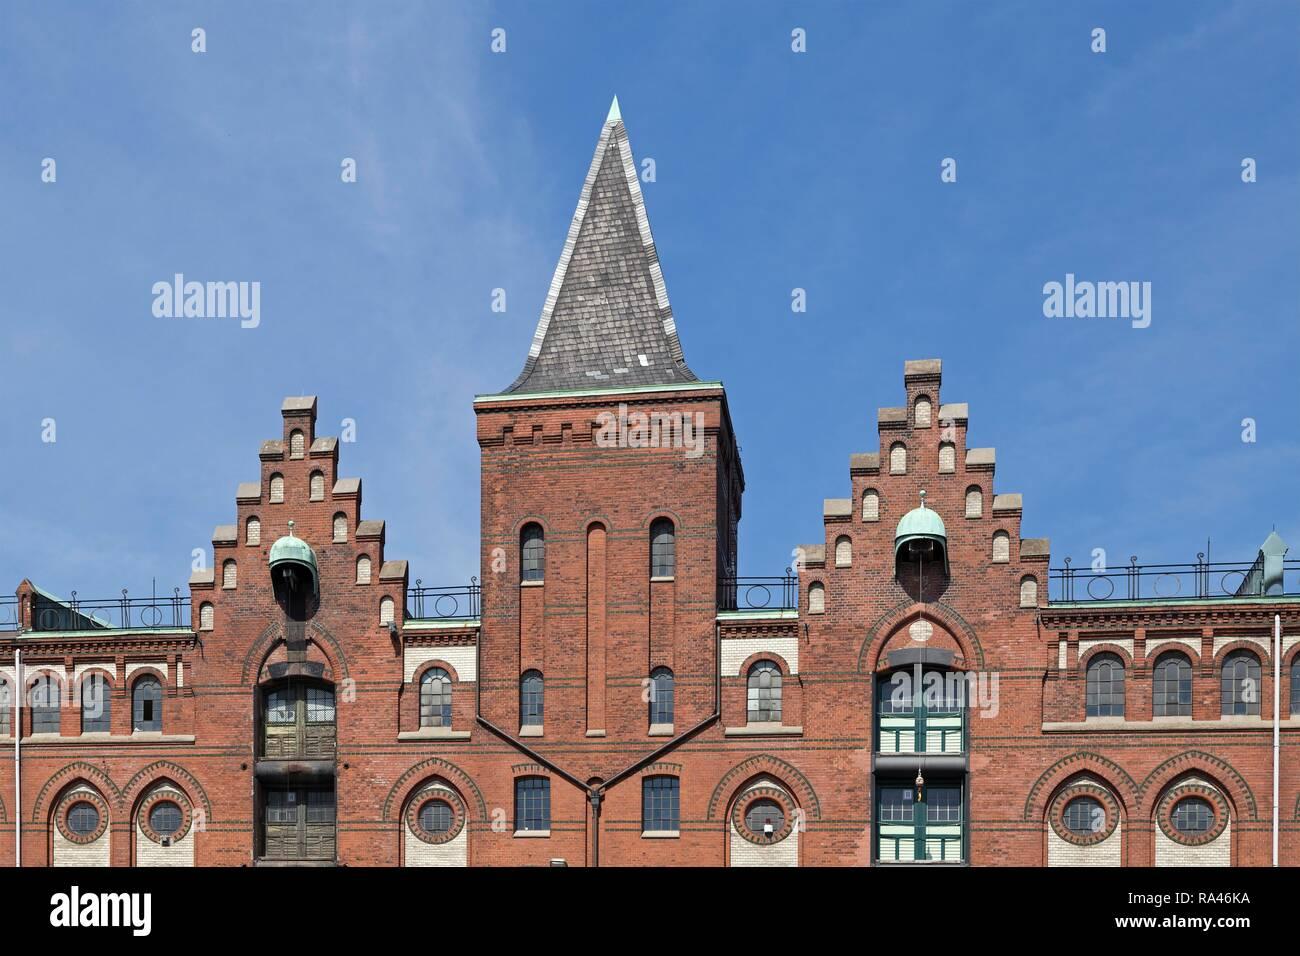 Giebel, Red brick facade, Speicherstadt, Hamburg, Germany - Stock Image